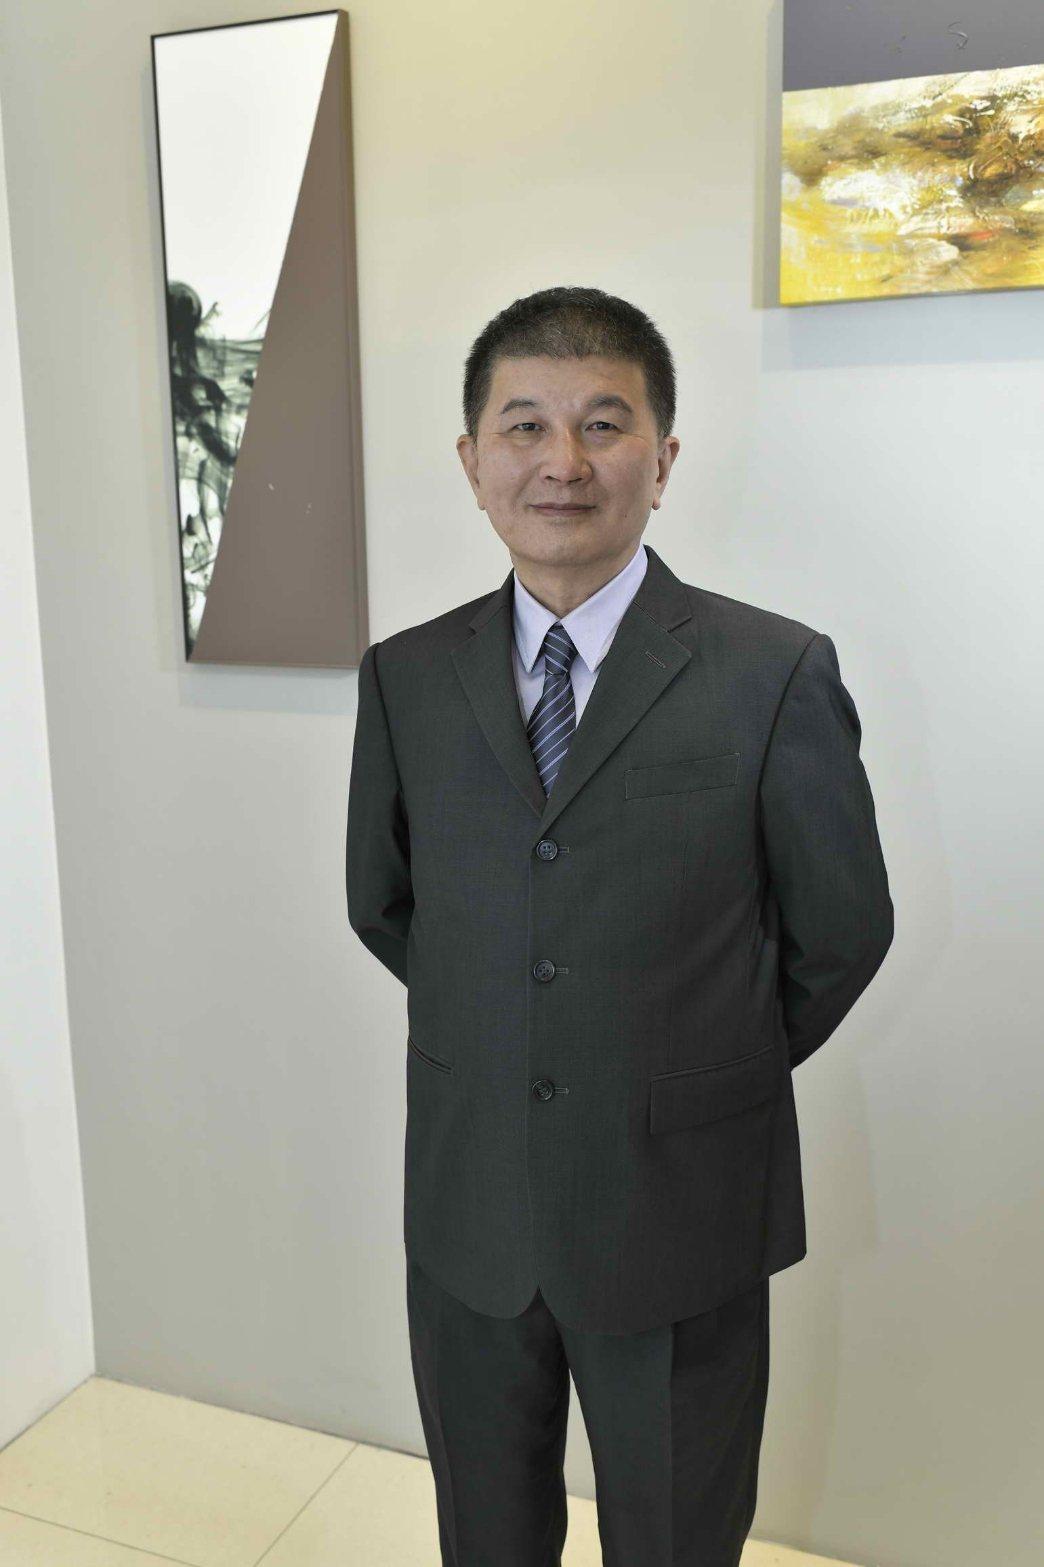 興富發建設今(7)日董事會通過新任董事長由曹淵博擔任。興富發建設提供